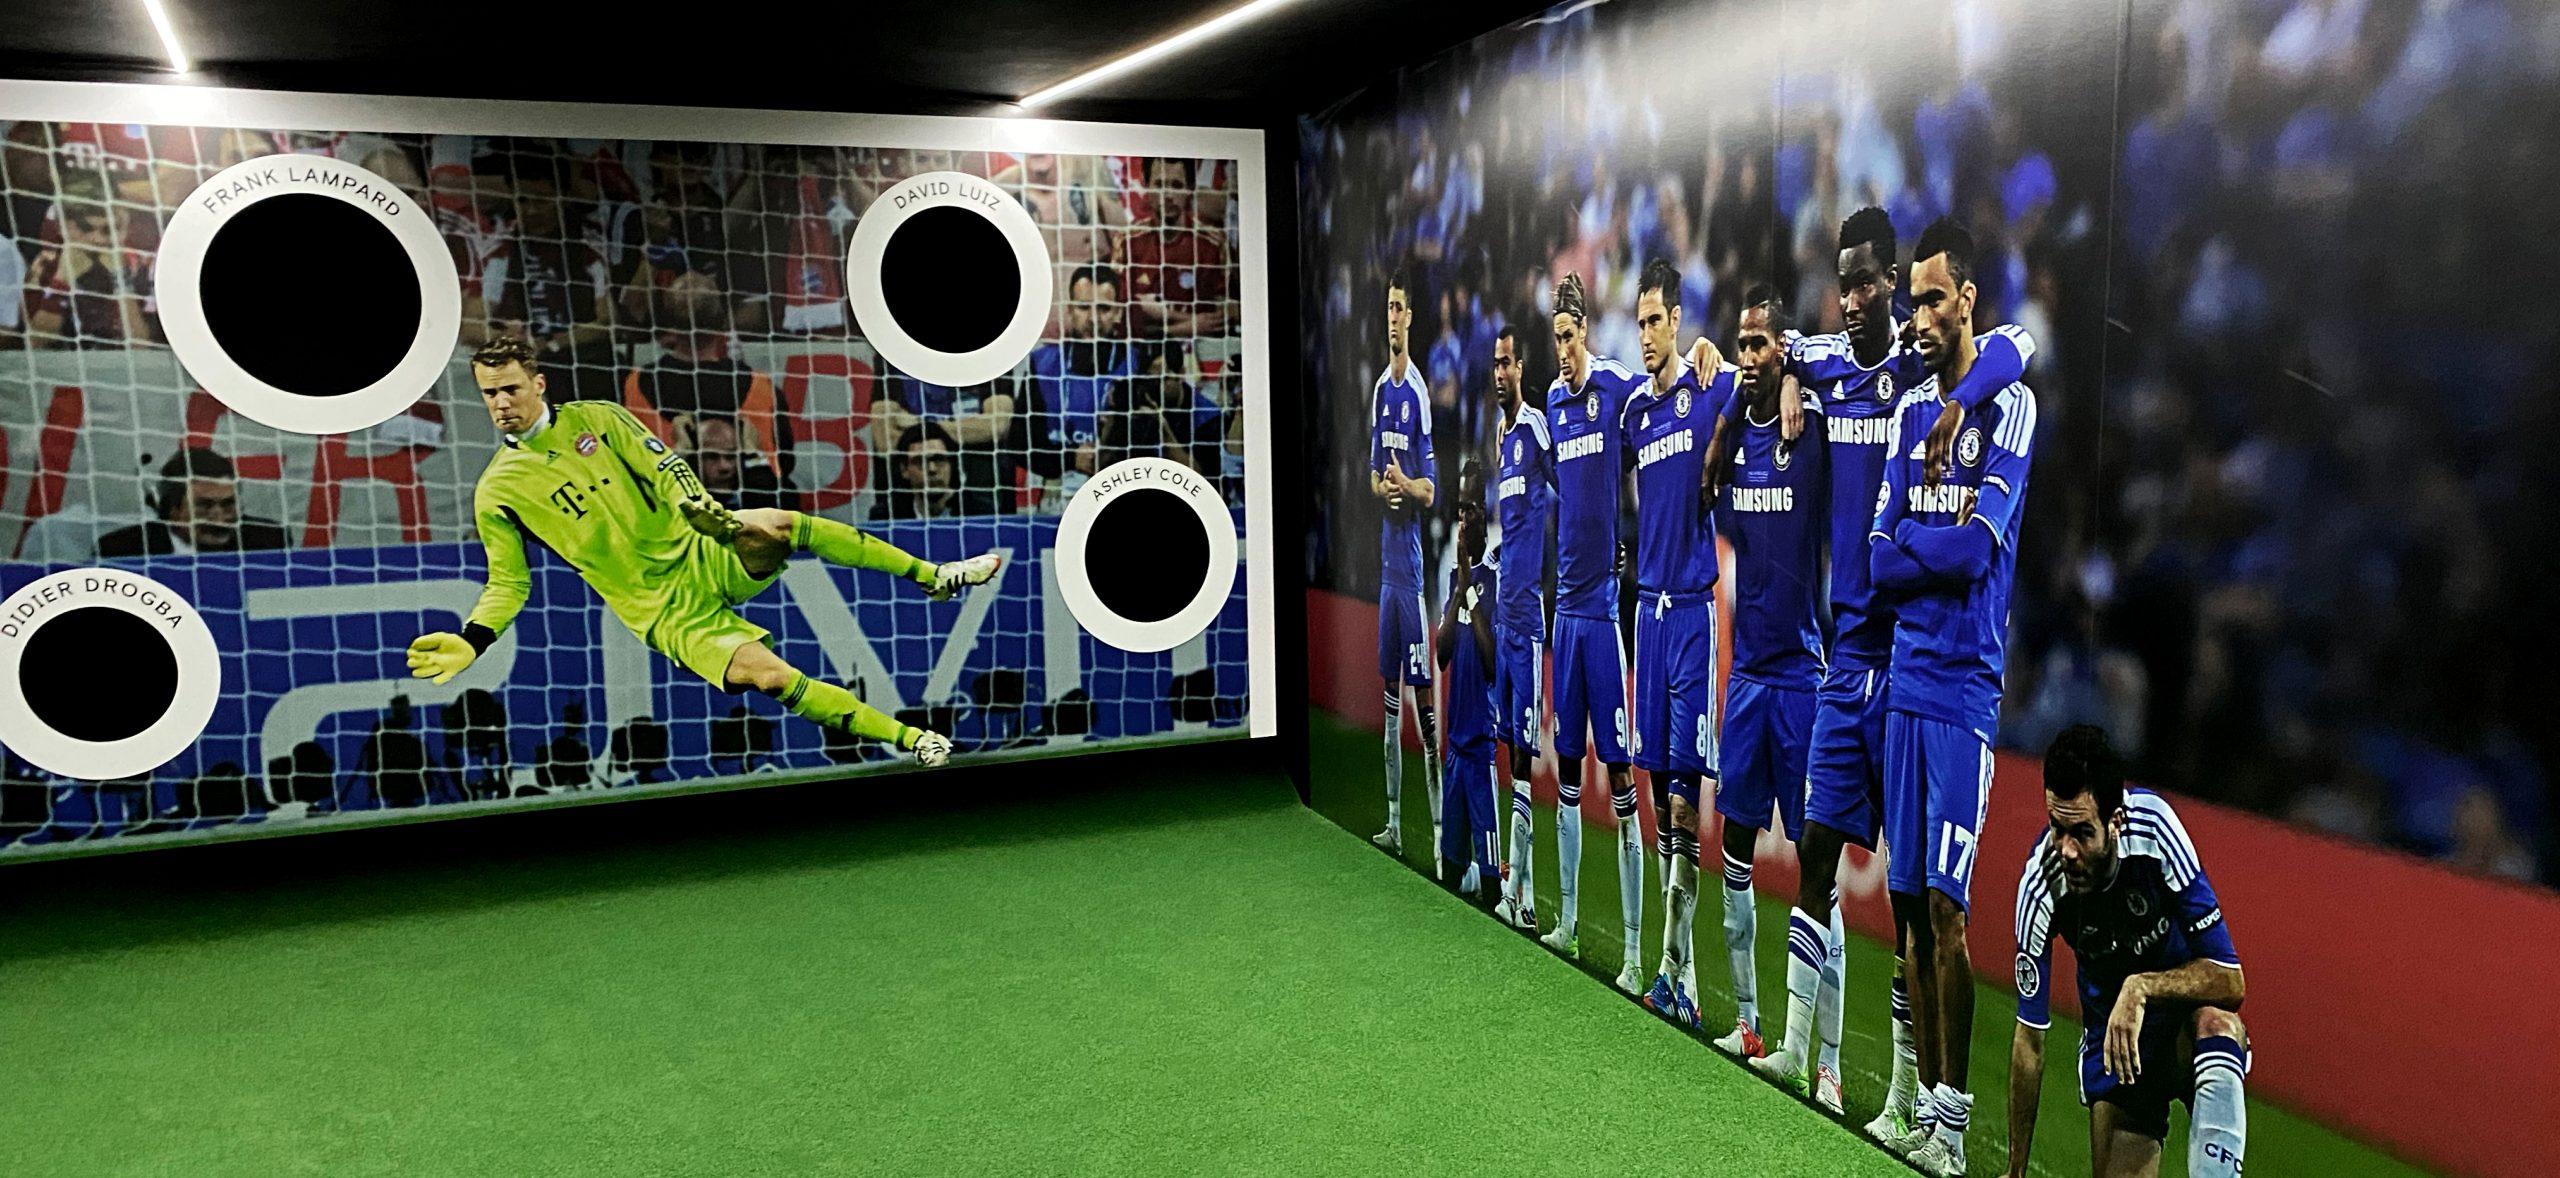 Chelsea FC Penalty shootout activation